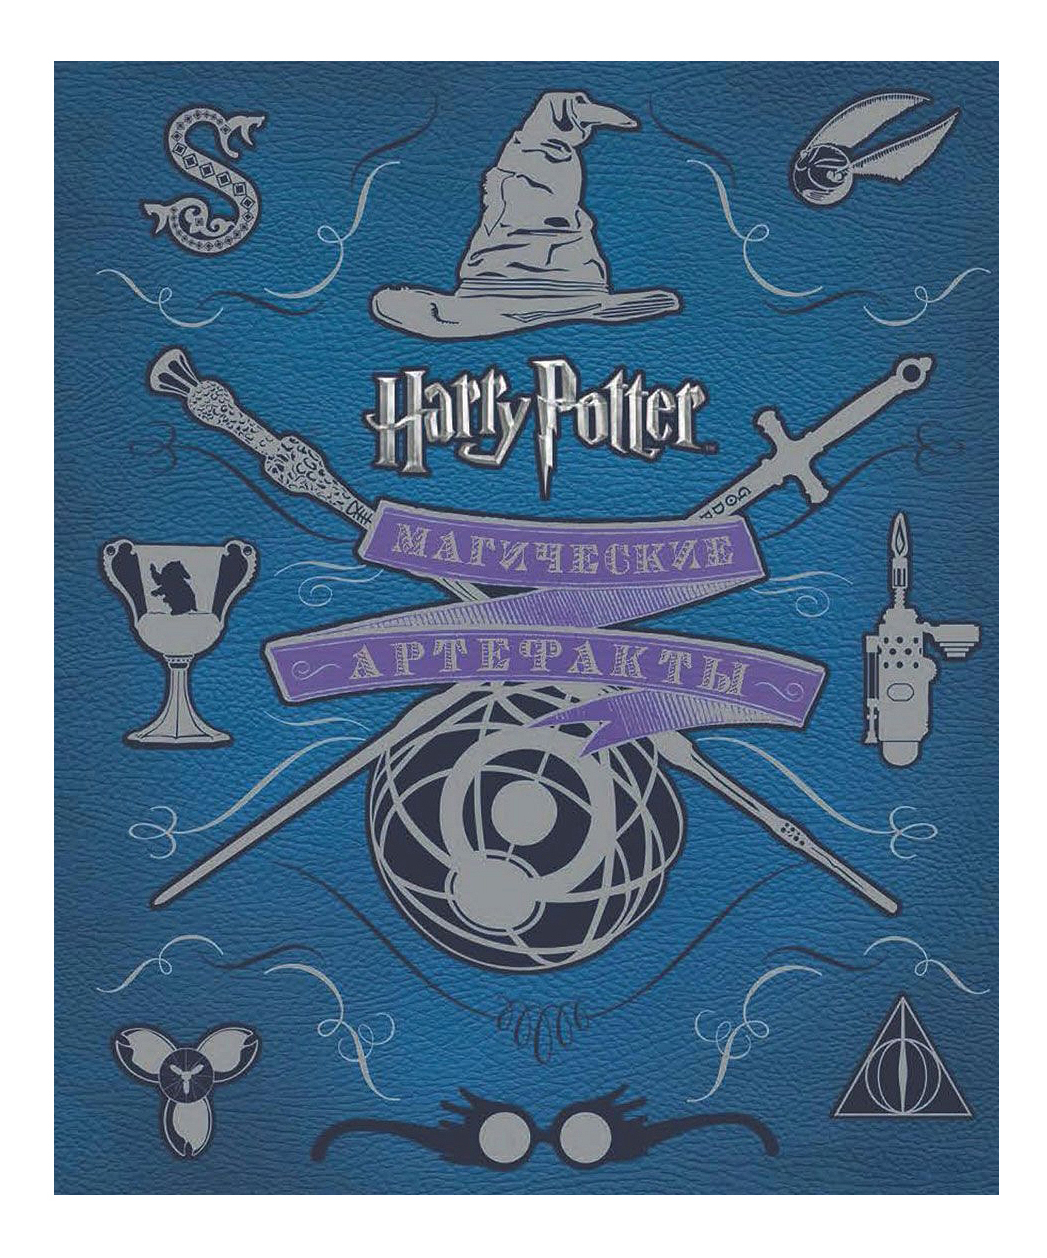 Купить Гарри поттер. Магические Артефакты, Росмэн, Детские фэнтези и фантастика